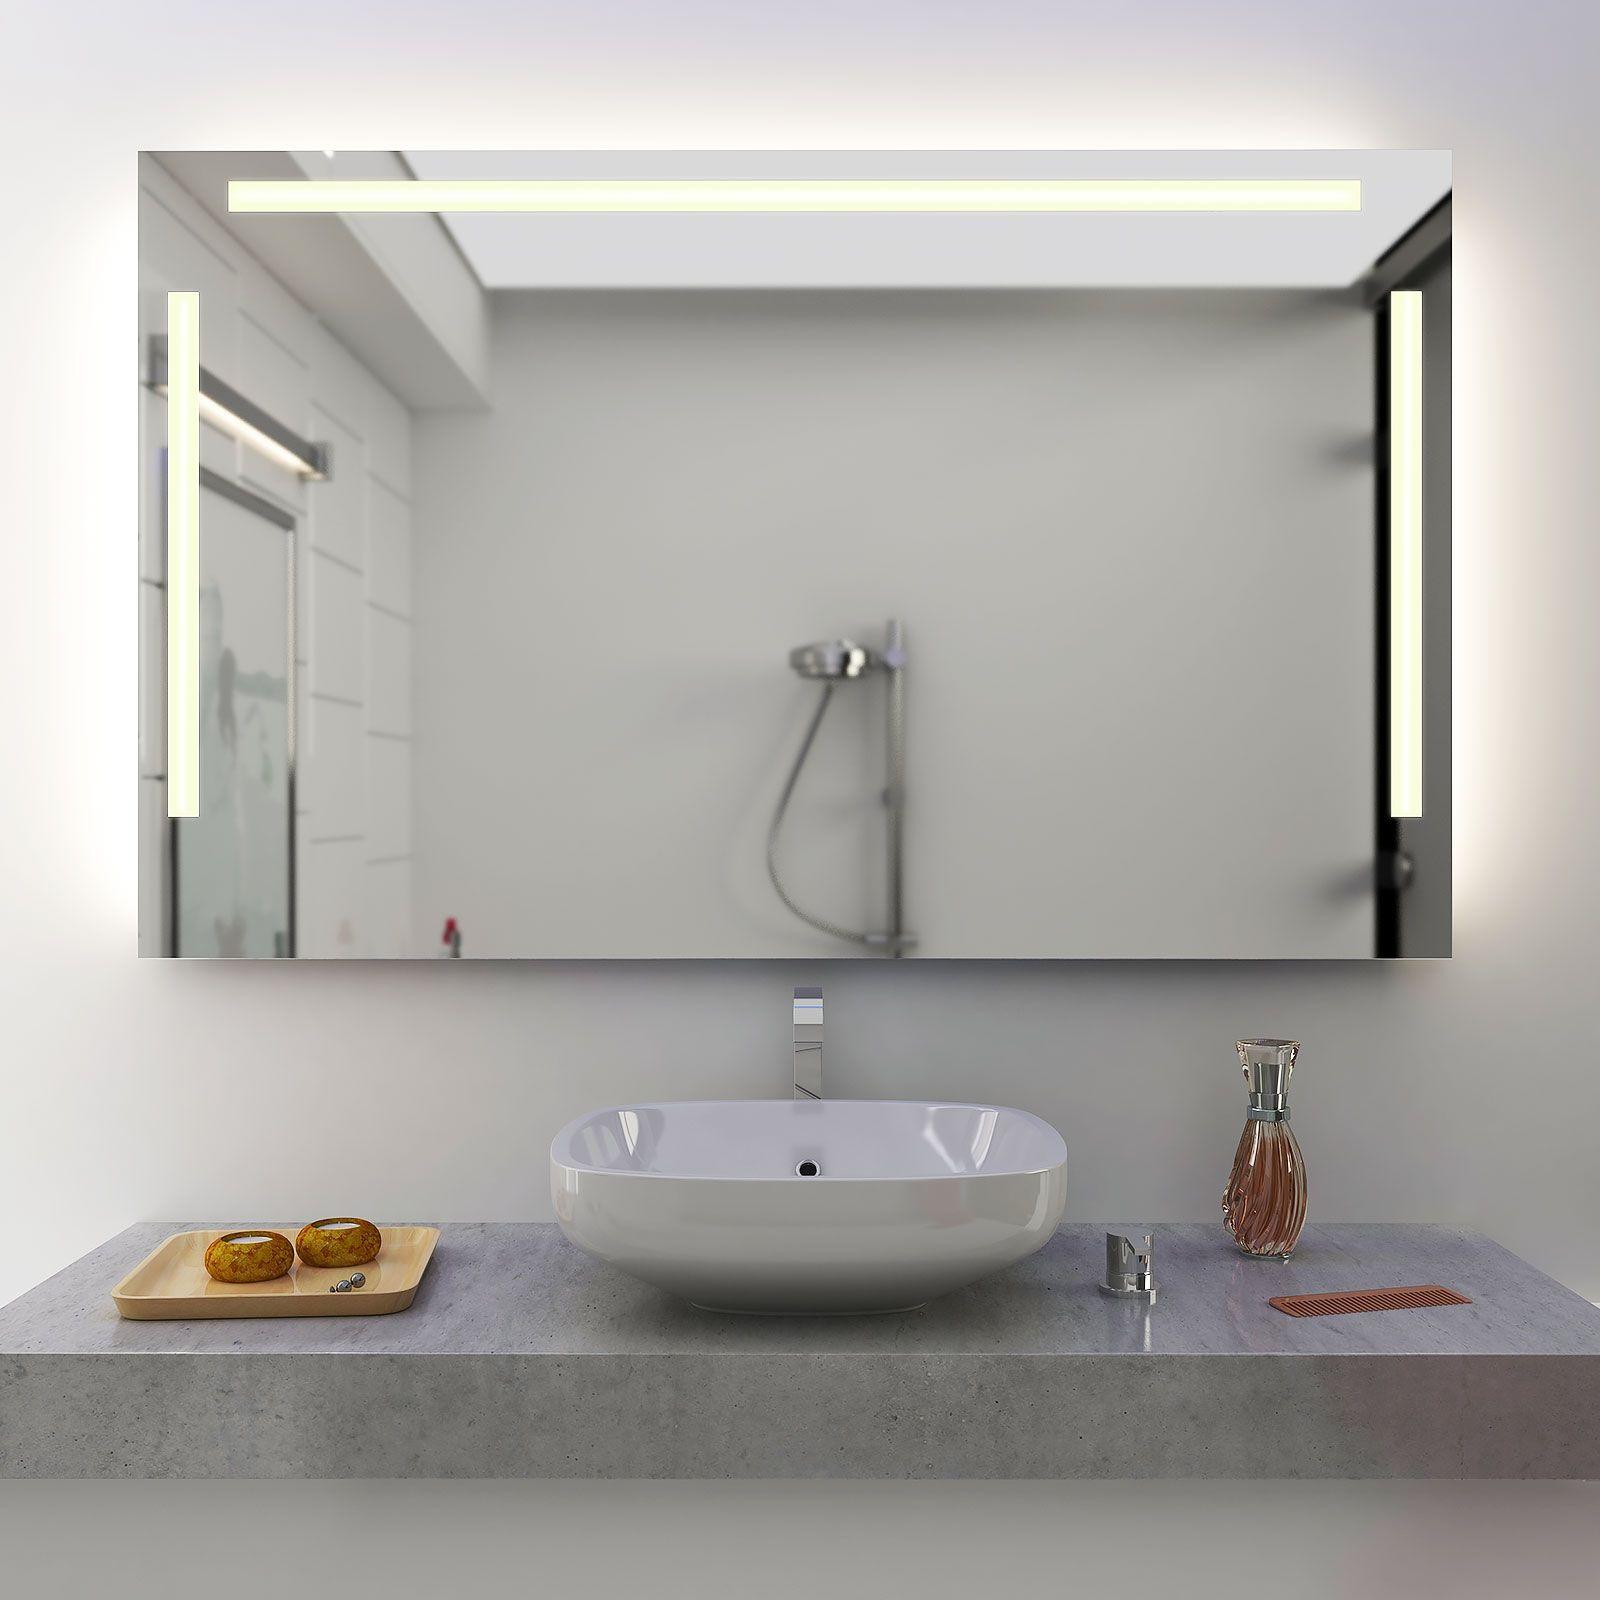 Ayna Ve Banyo Aynalari Fiyatlari Ayna Modelleri Com Spiegel Mit Beleuchtung Runde Badezimmerspiegel Badezimmer